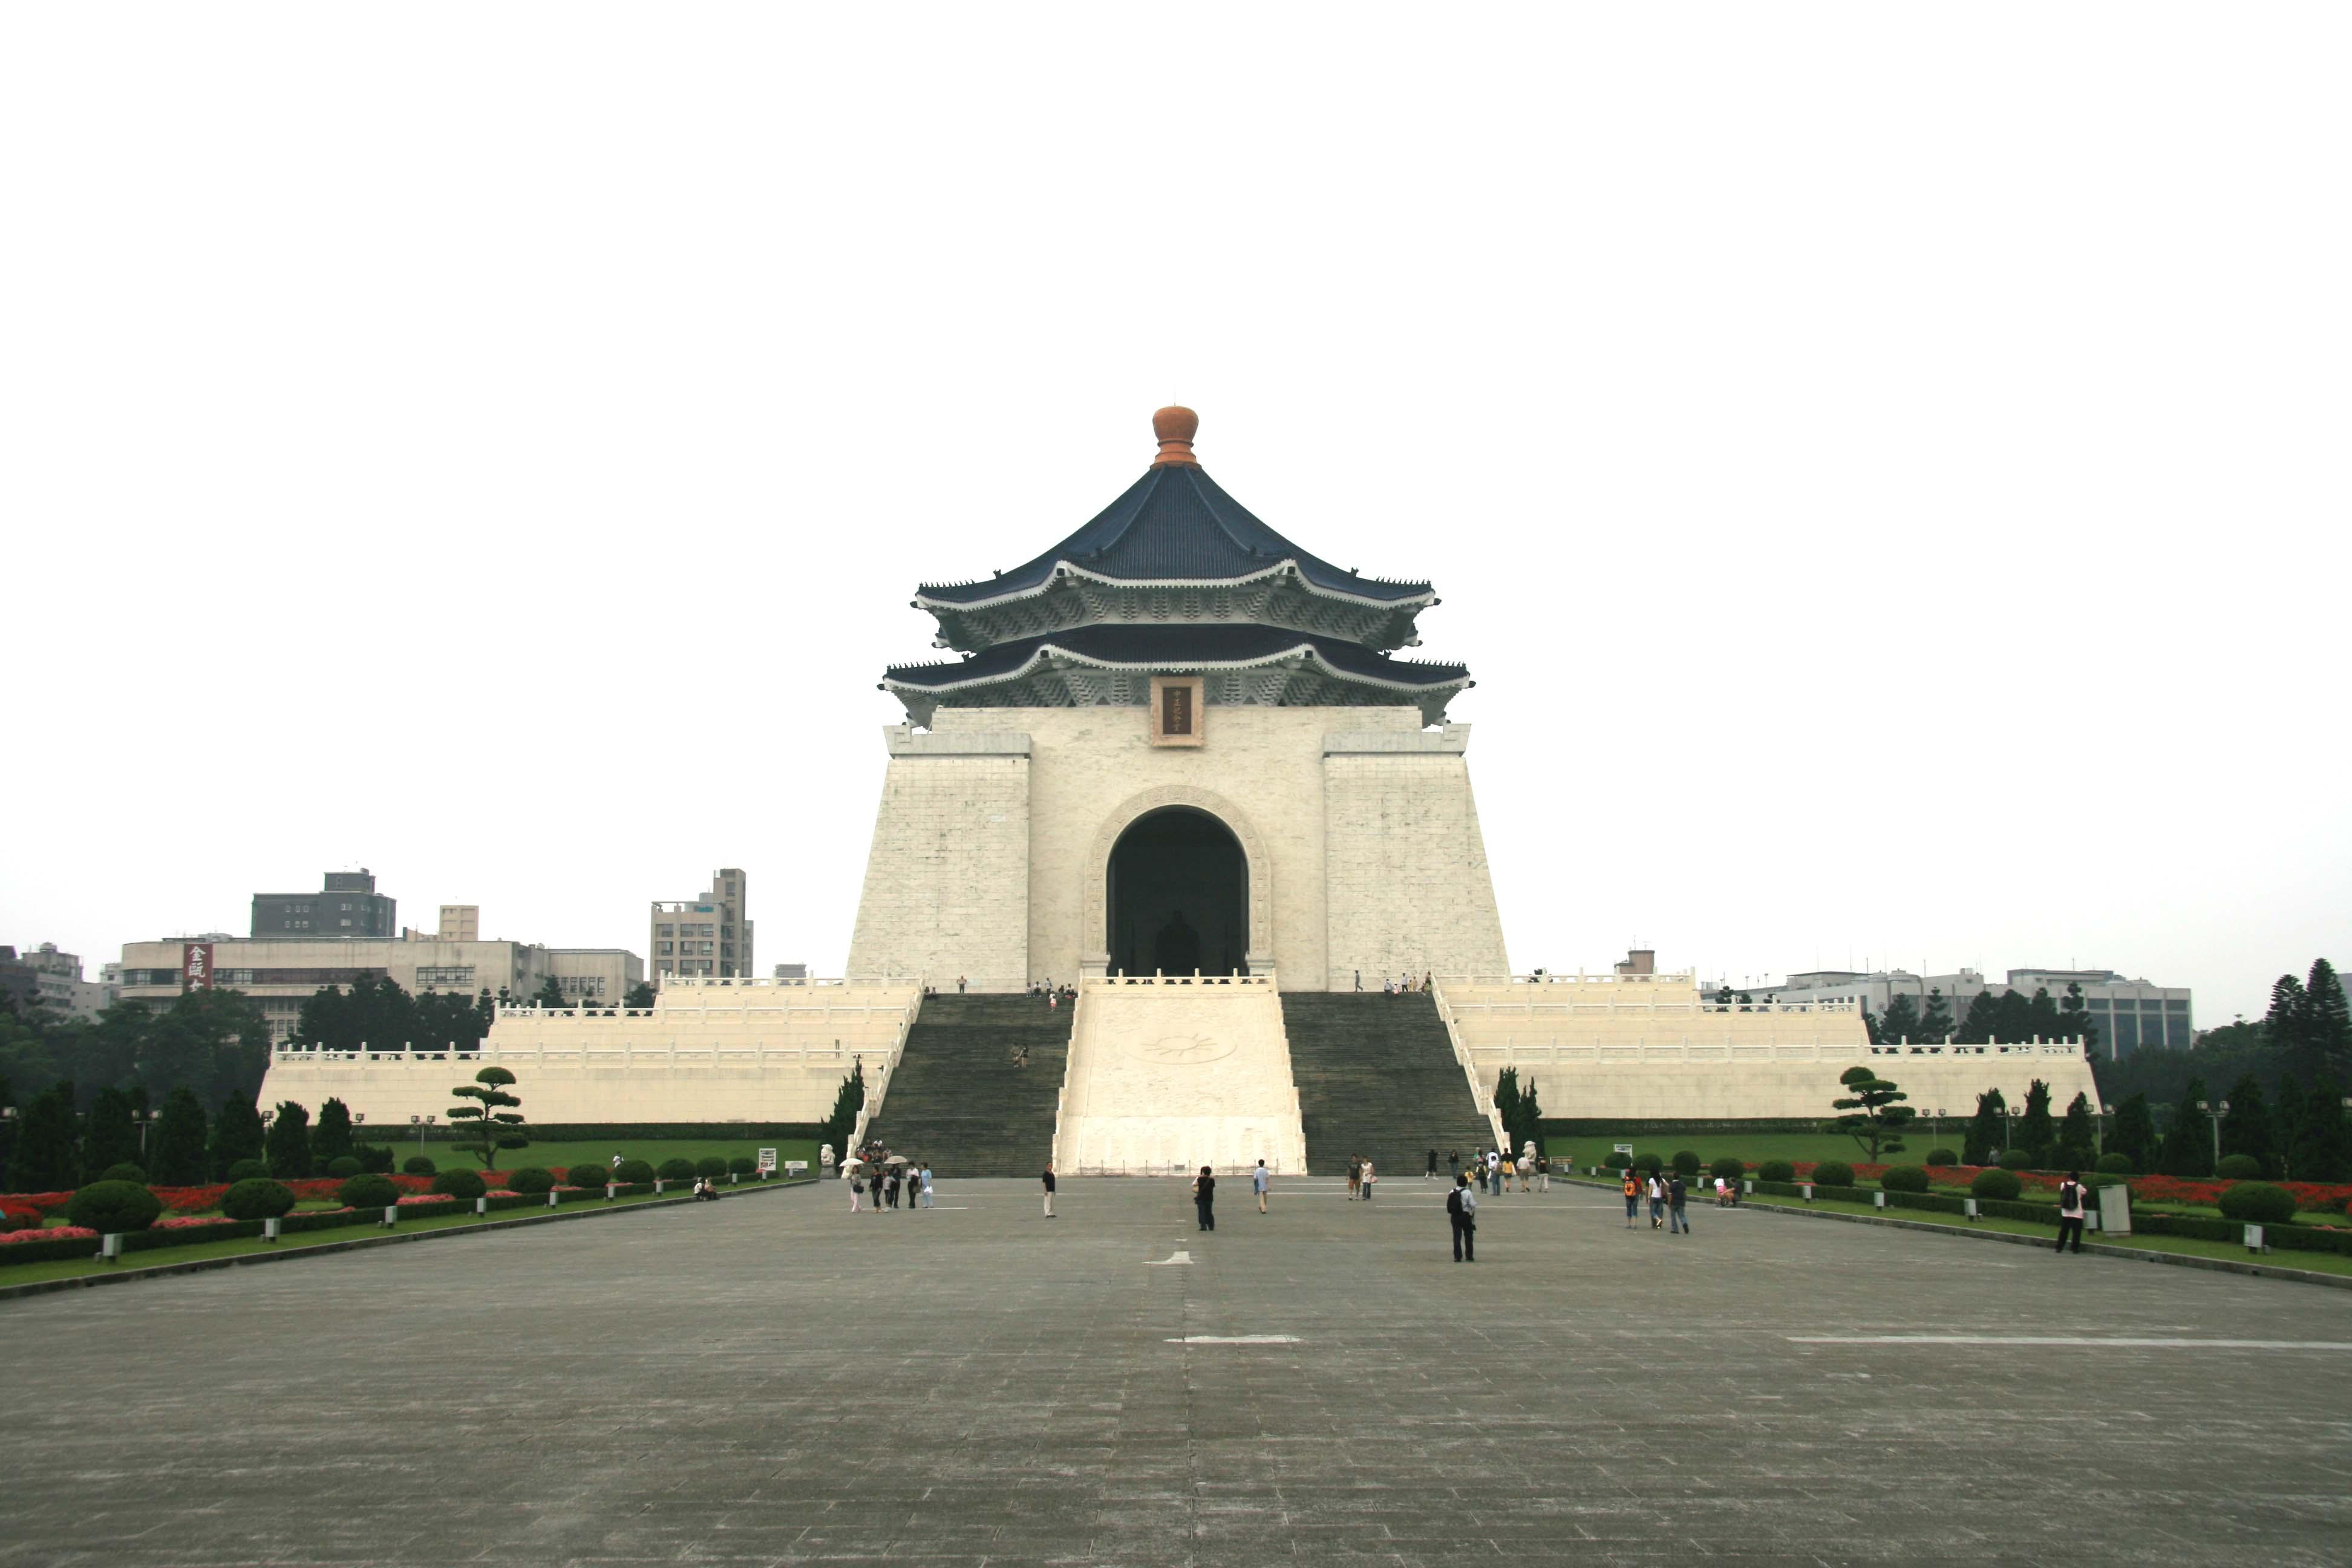 臺灣を代表する観光スポット!一度は行きたい中正紀念堂 - TRIIPGO